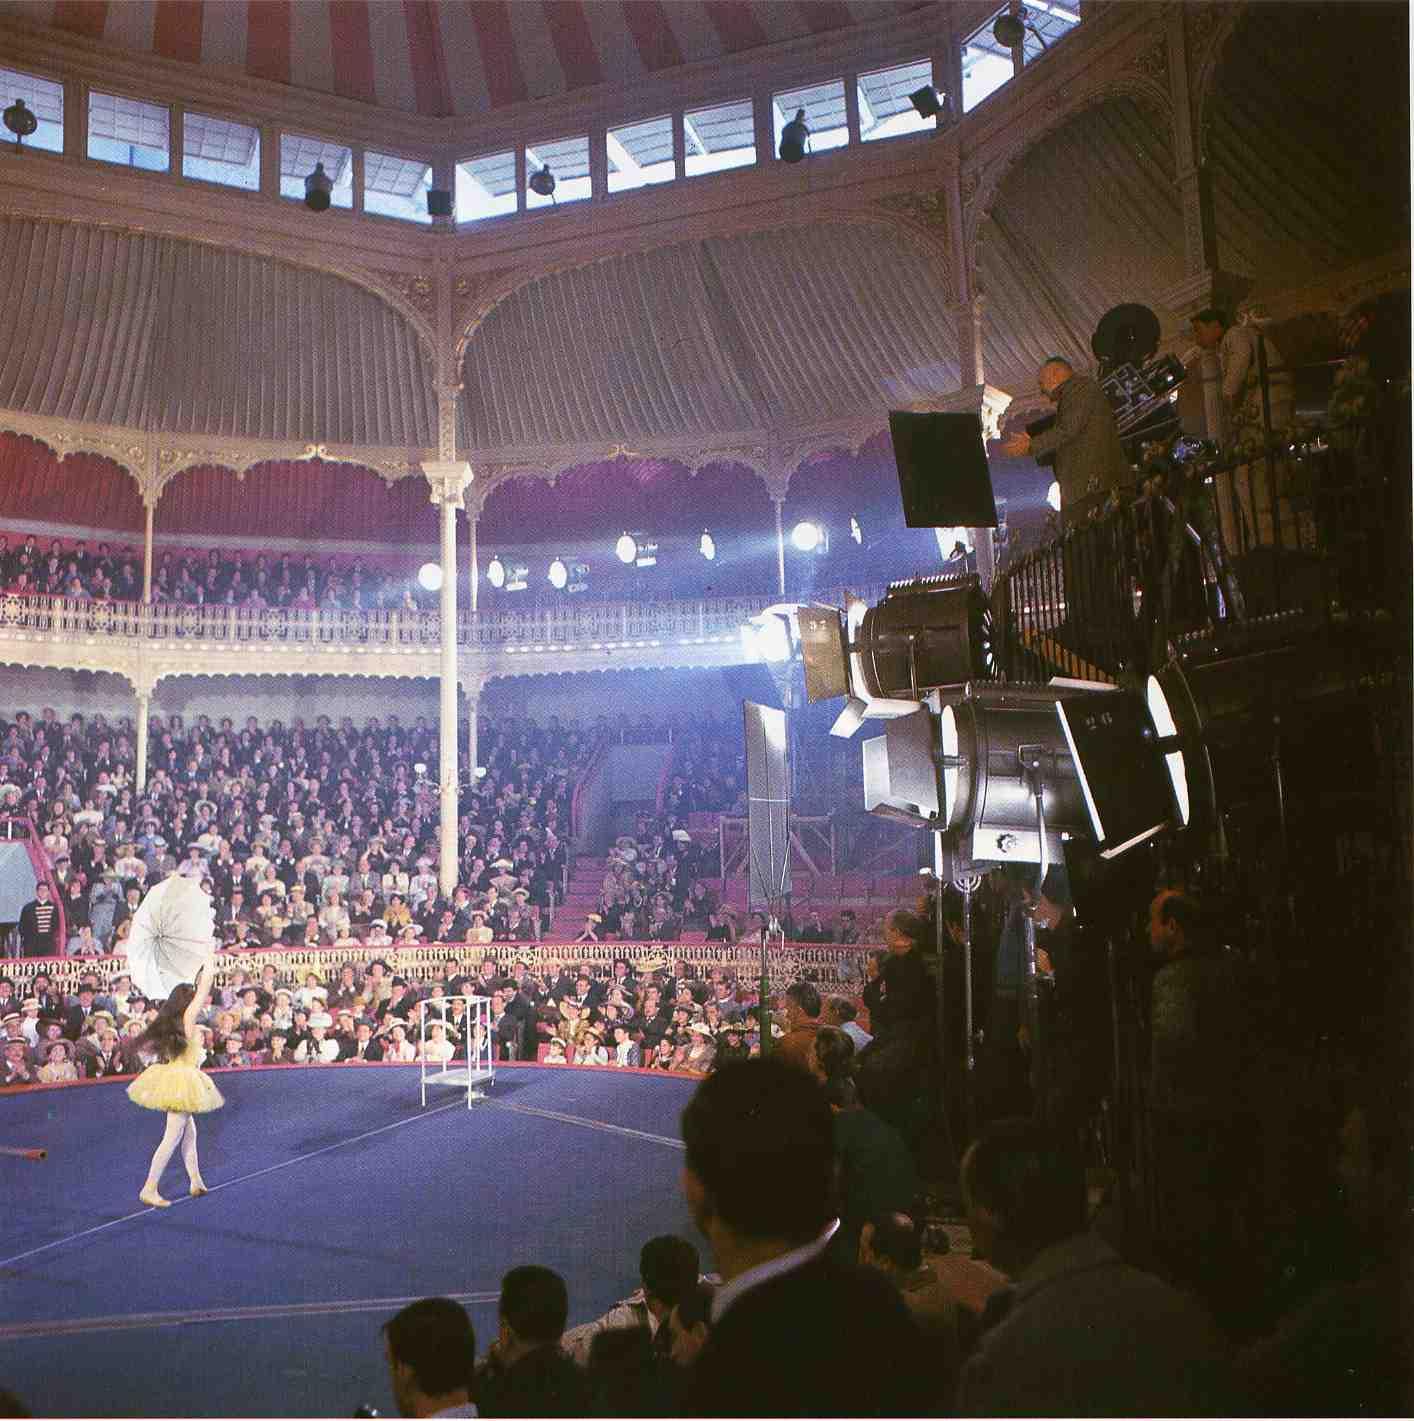 http://2.bp.blogspot.com/-loxdl5L-6zA/TZ7B08U45SI/AAAAAAAAAVA/ZYXkpI61AsM/s1600/teatro+circo+price.jpg